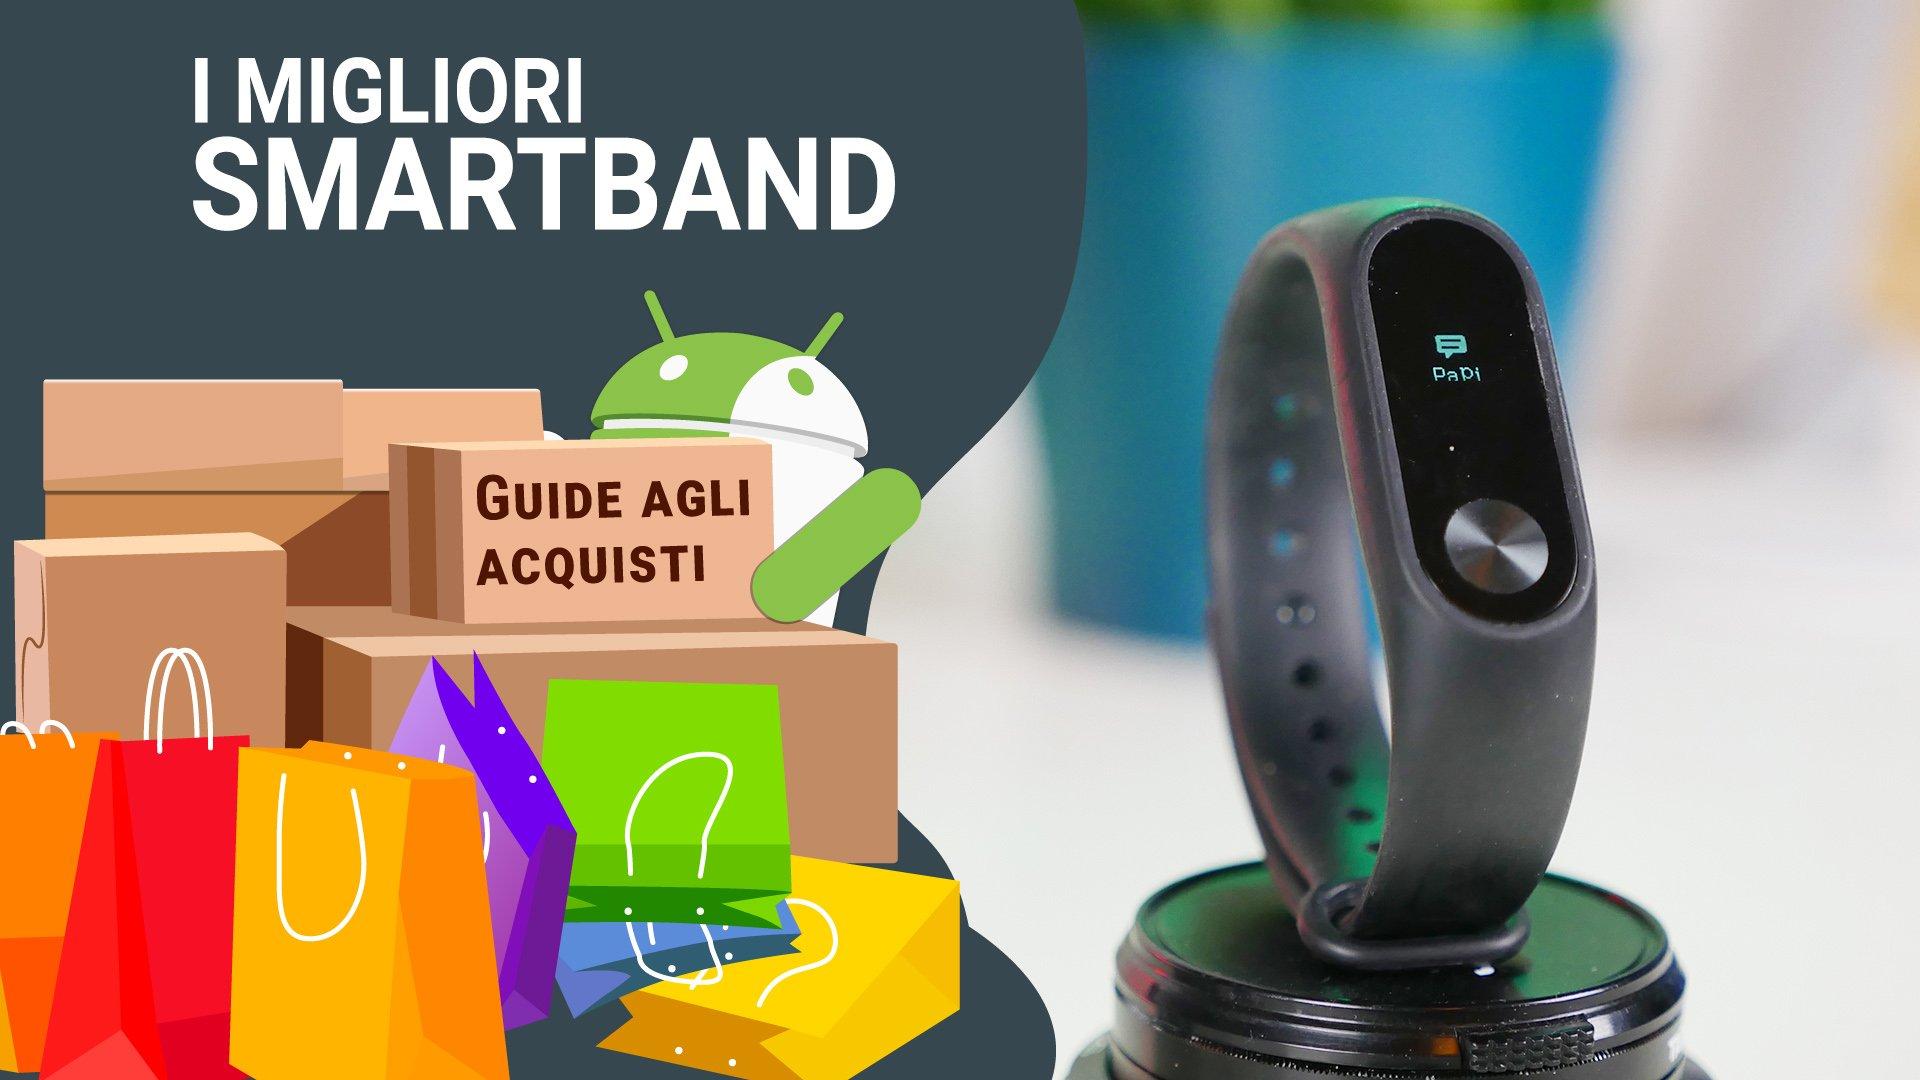 5ddf5633fc Migliori smartband: classifica di Agosto 2019 | TuttoAndroid